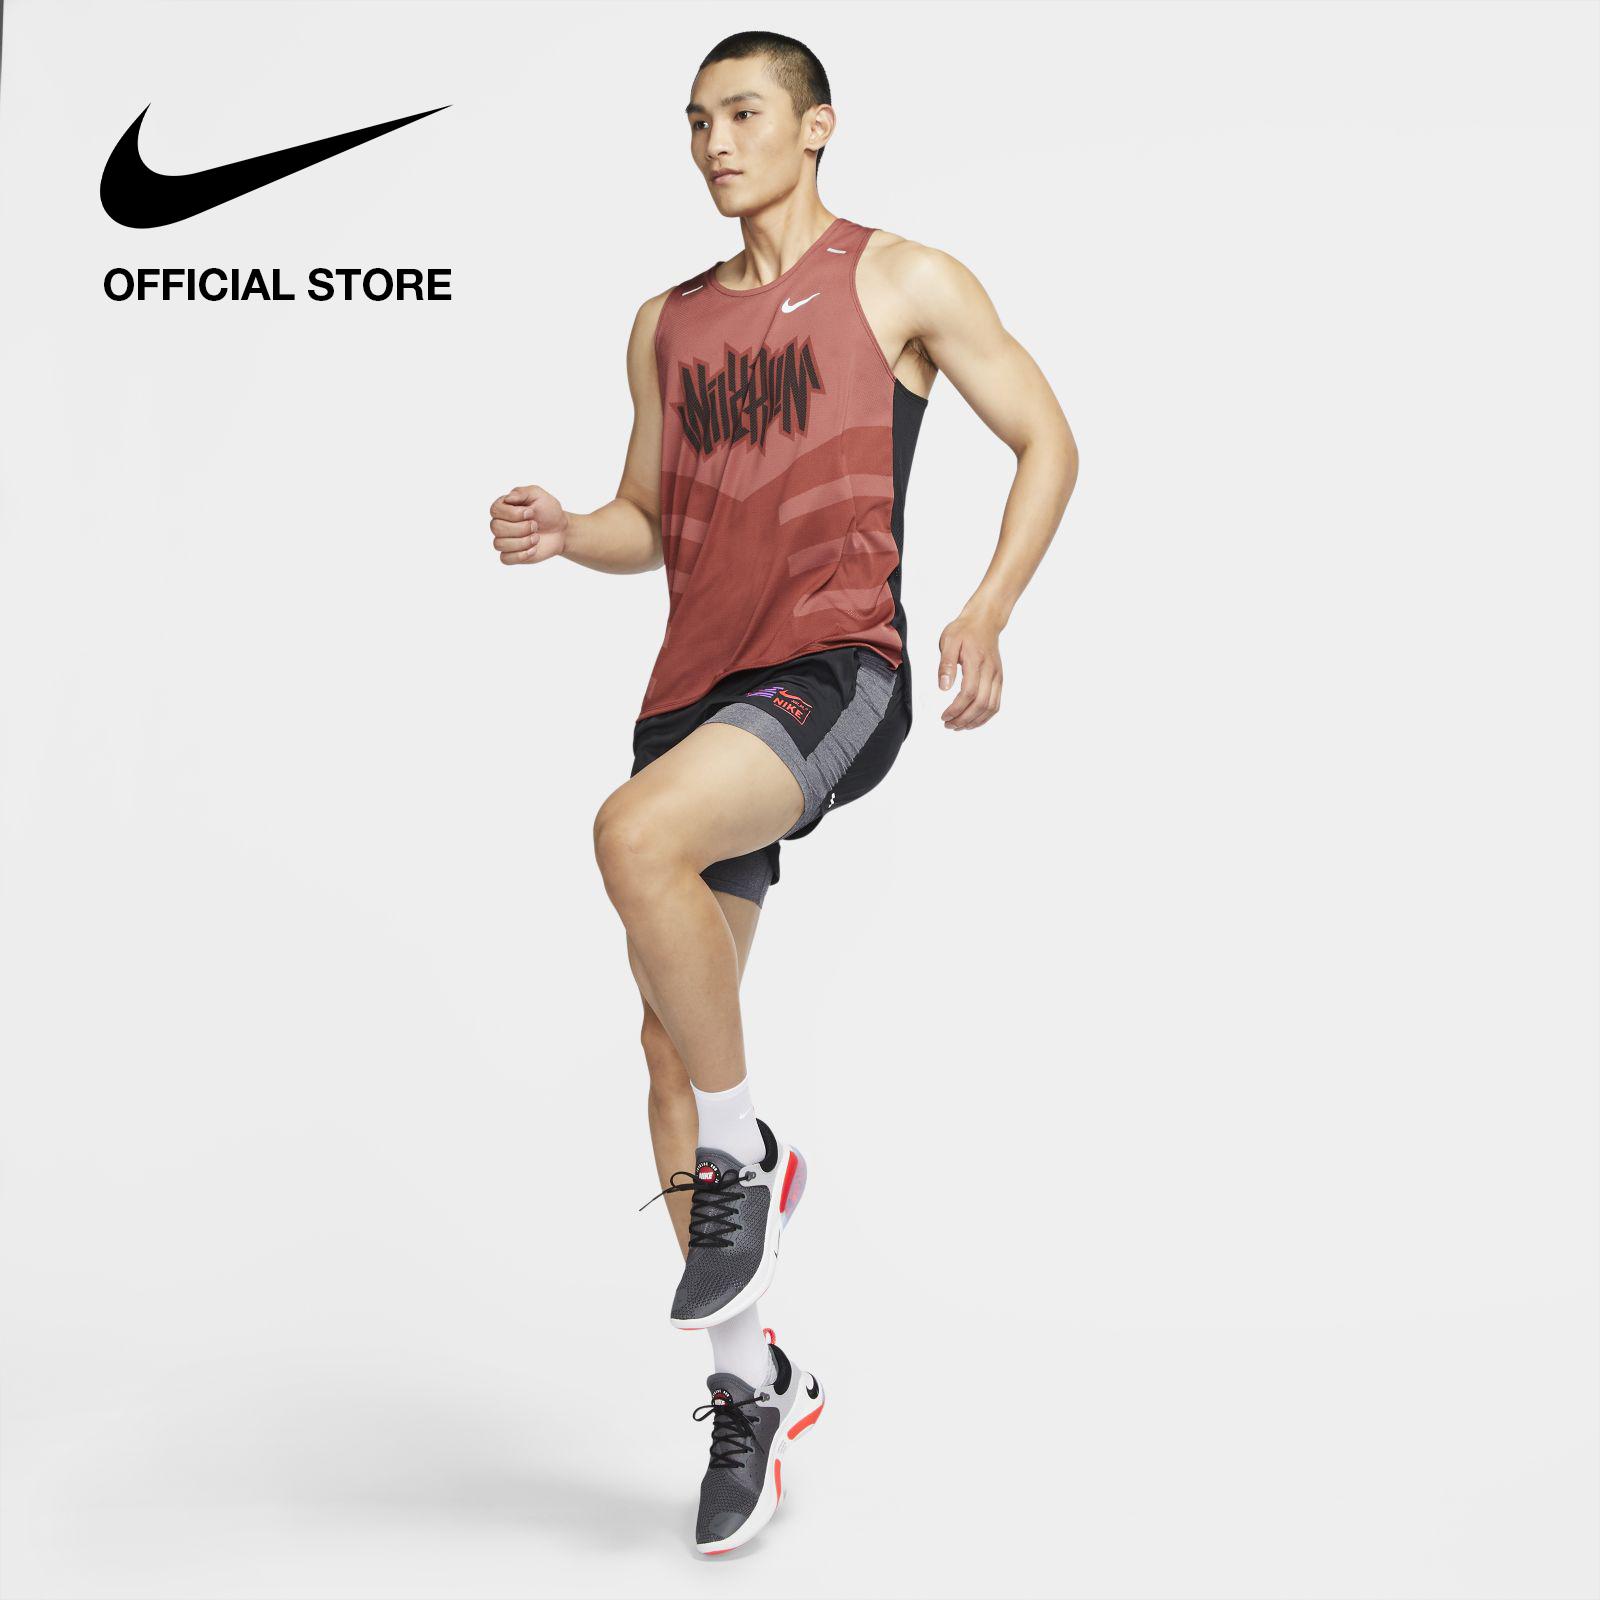 รีวิว Nike Men's Flex Stride Future Fast 2-In-1 Running Shorts - Black ไนกี้ กางเกงวิ่งขาสั้นผู้ชาย ฟิวเจอร์ ฟาสต์ 2 อิน 1 - สีดำ